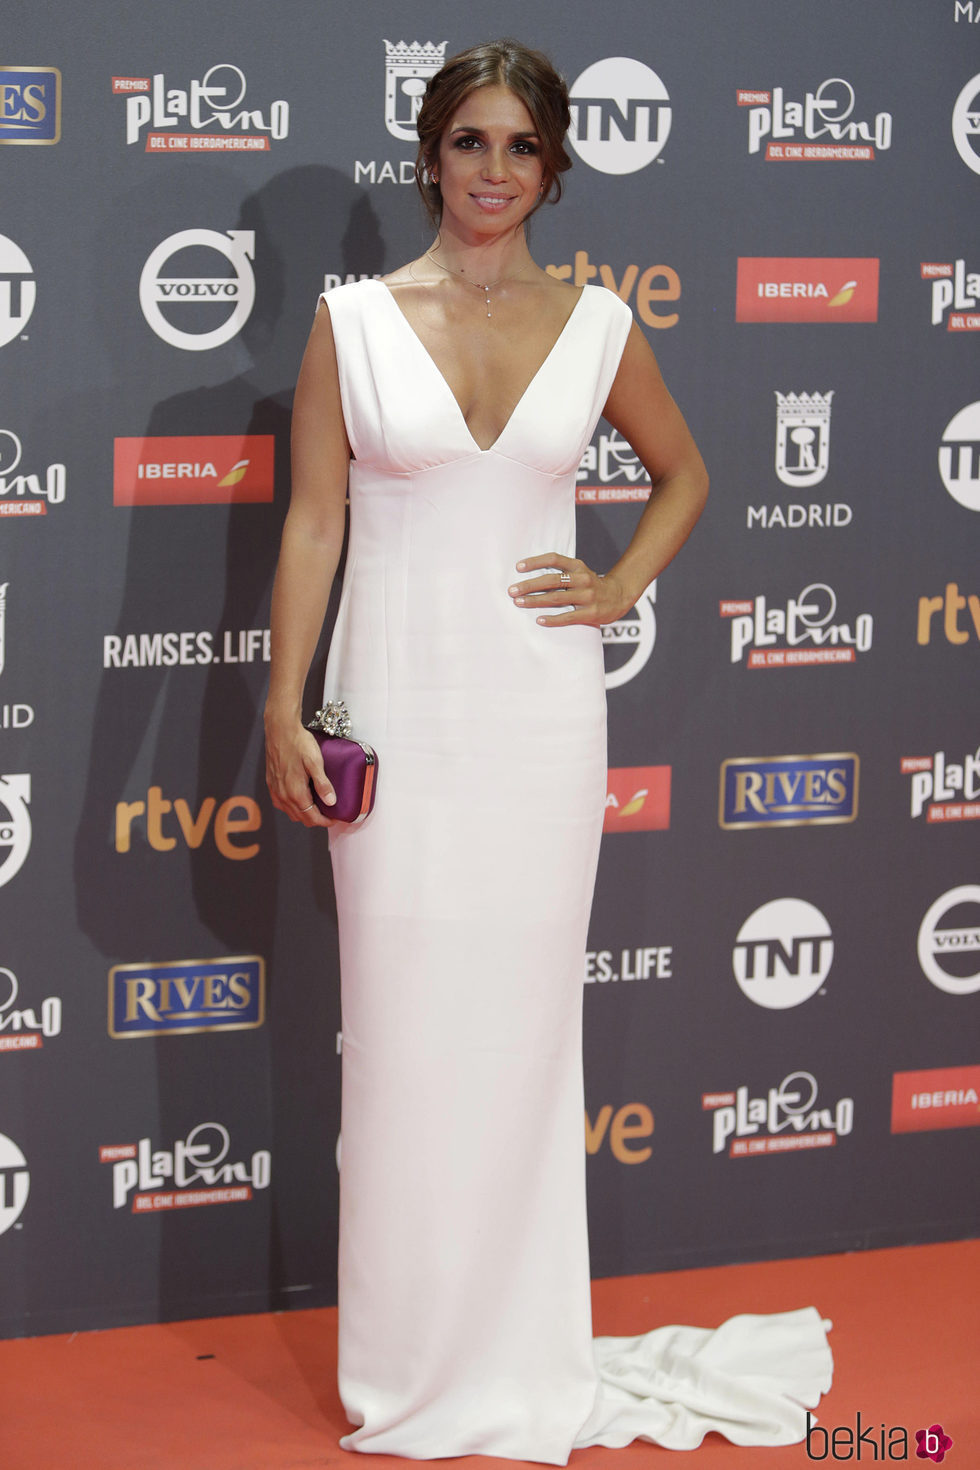 Elena Furiase en los Premios Platino 2017